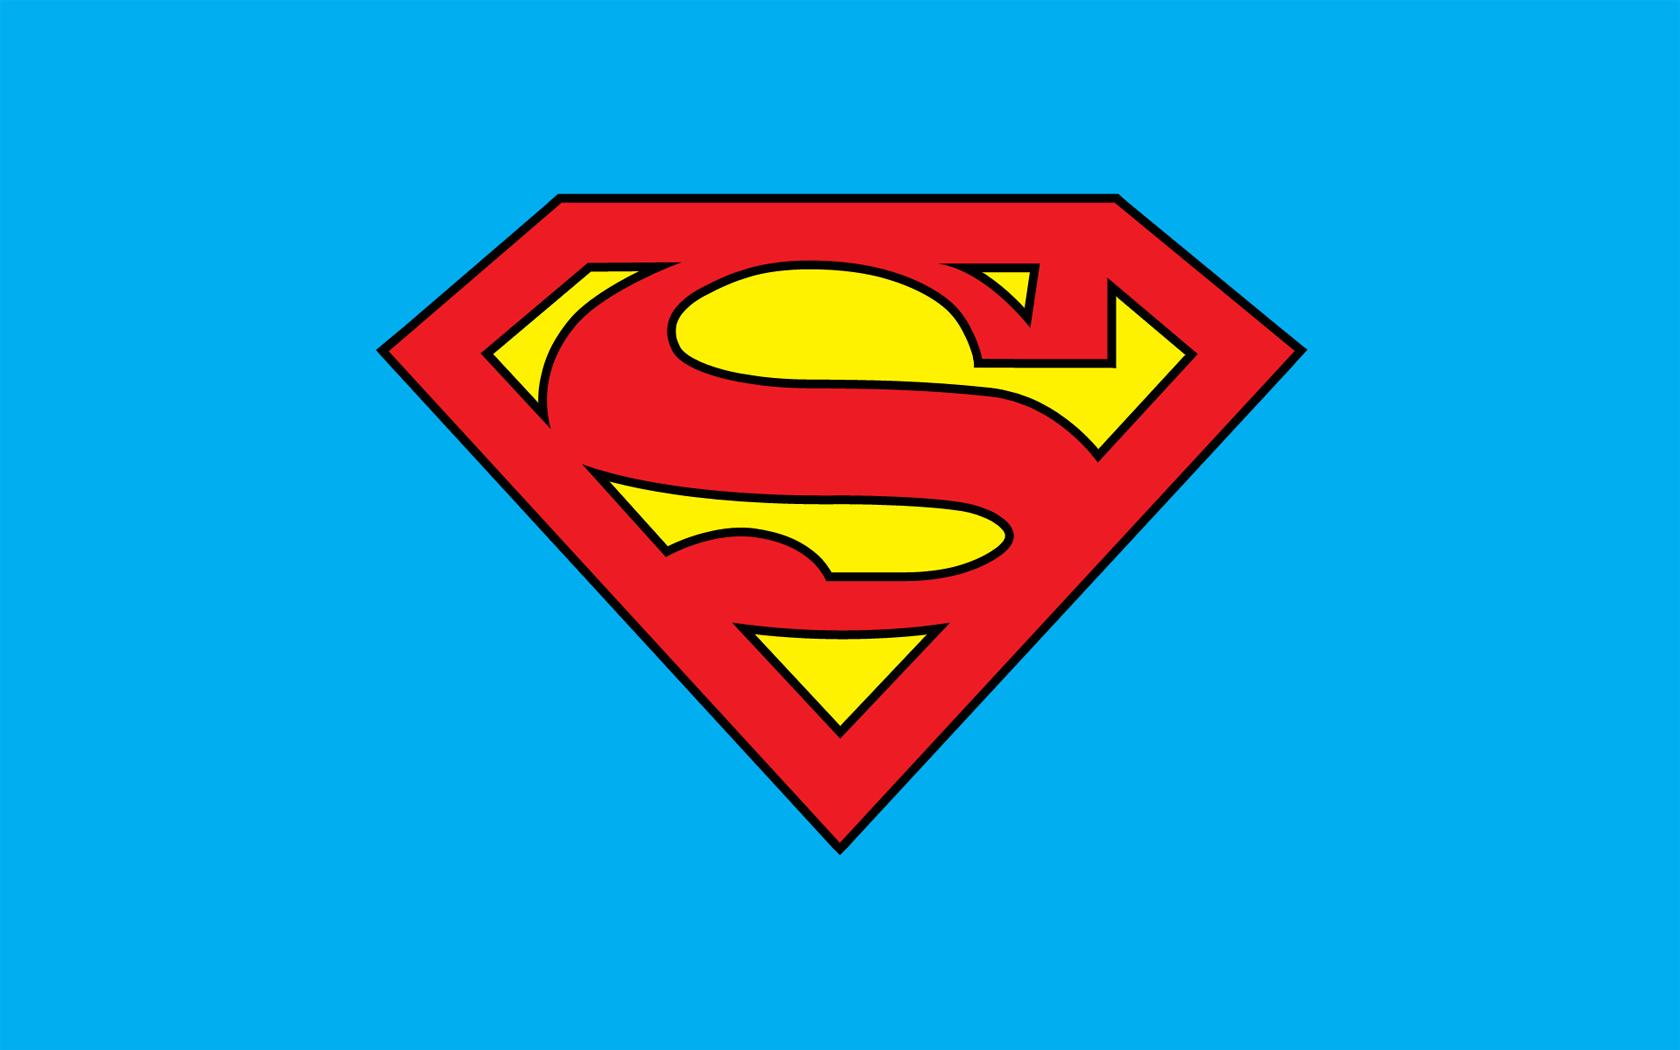 Superman logo by stevegoy